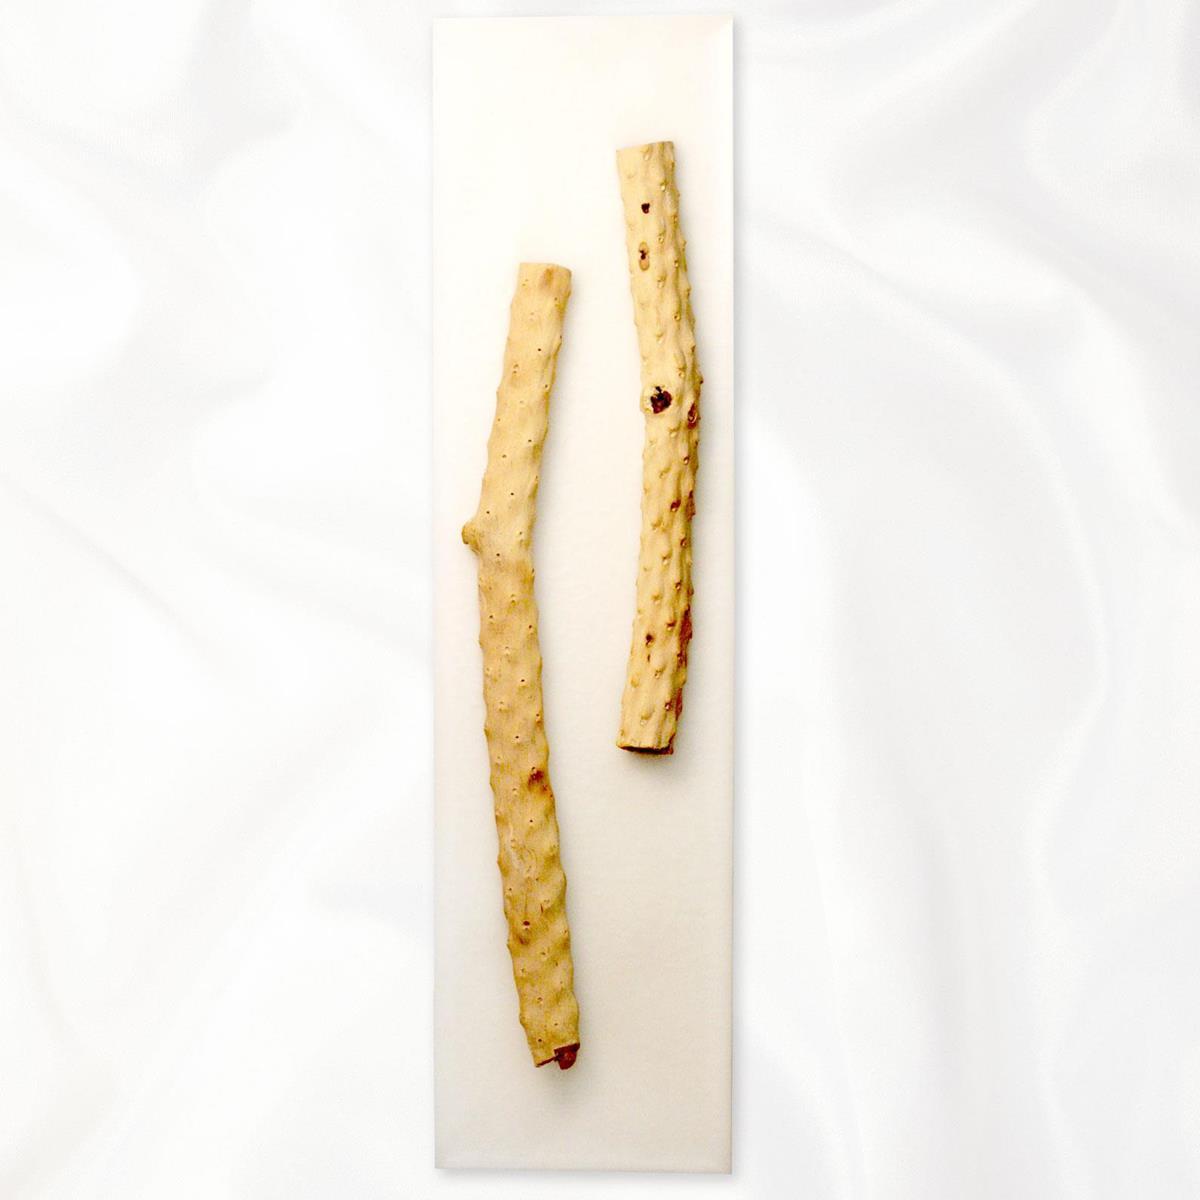 【アウトレット】イタリア・トリノ発 ルマーニ工房のワックスアート ドリフトウッド〔L〕